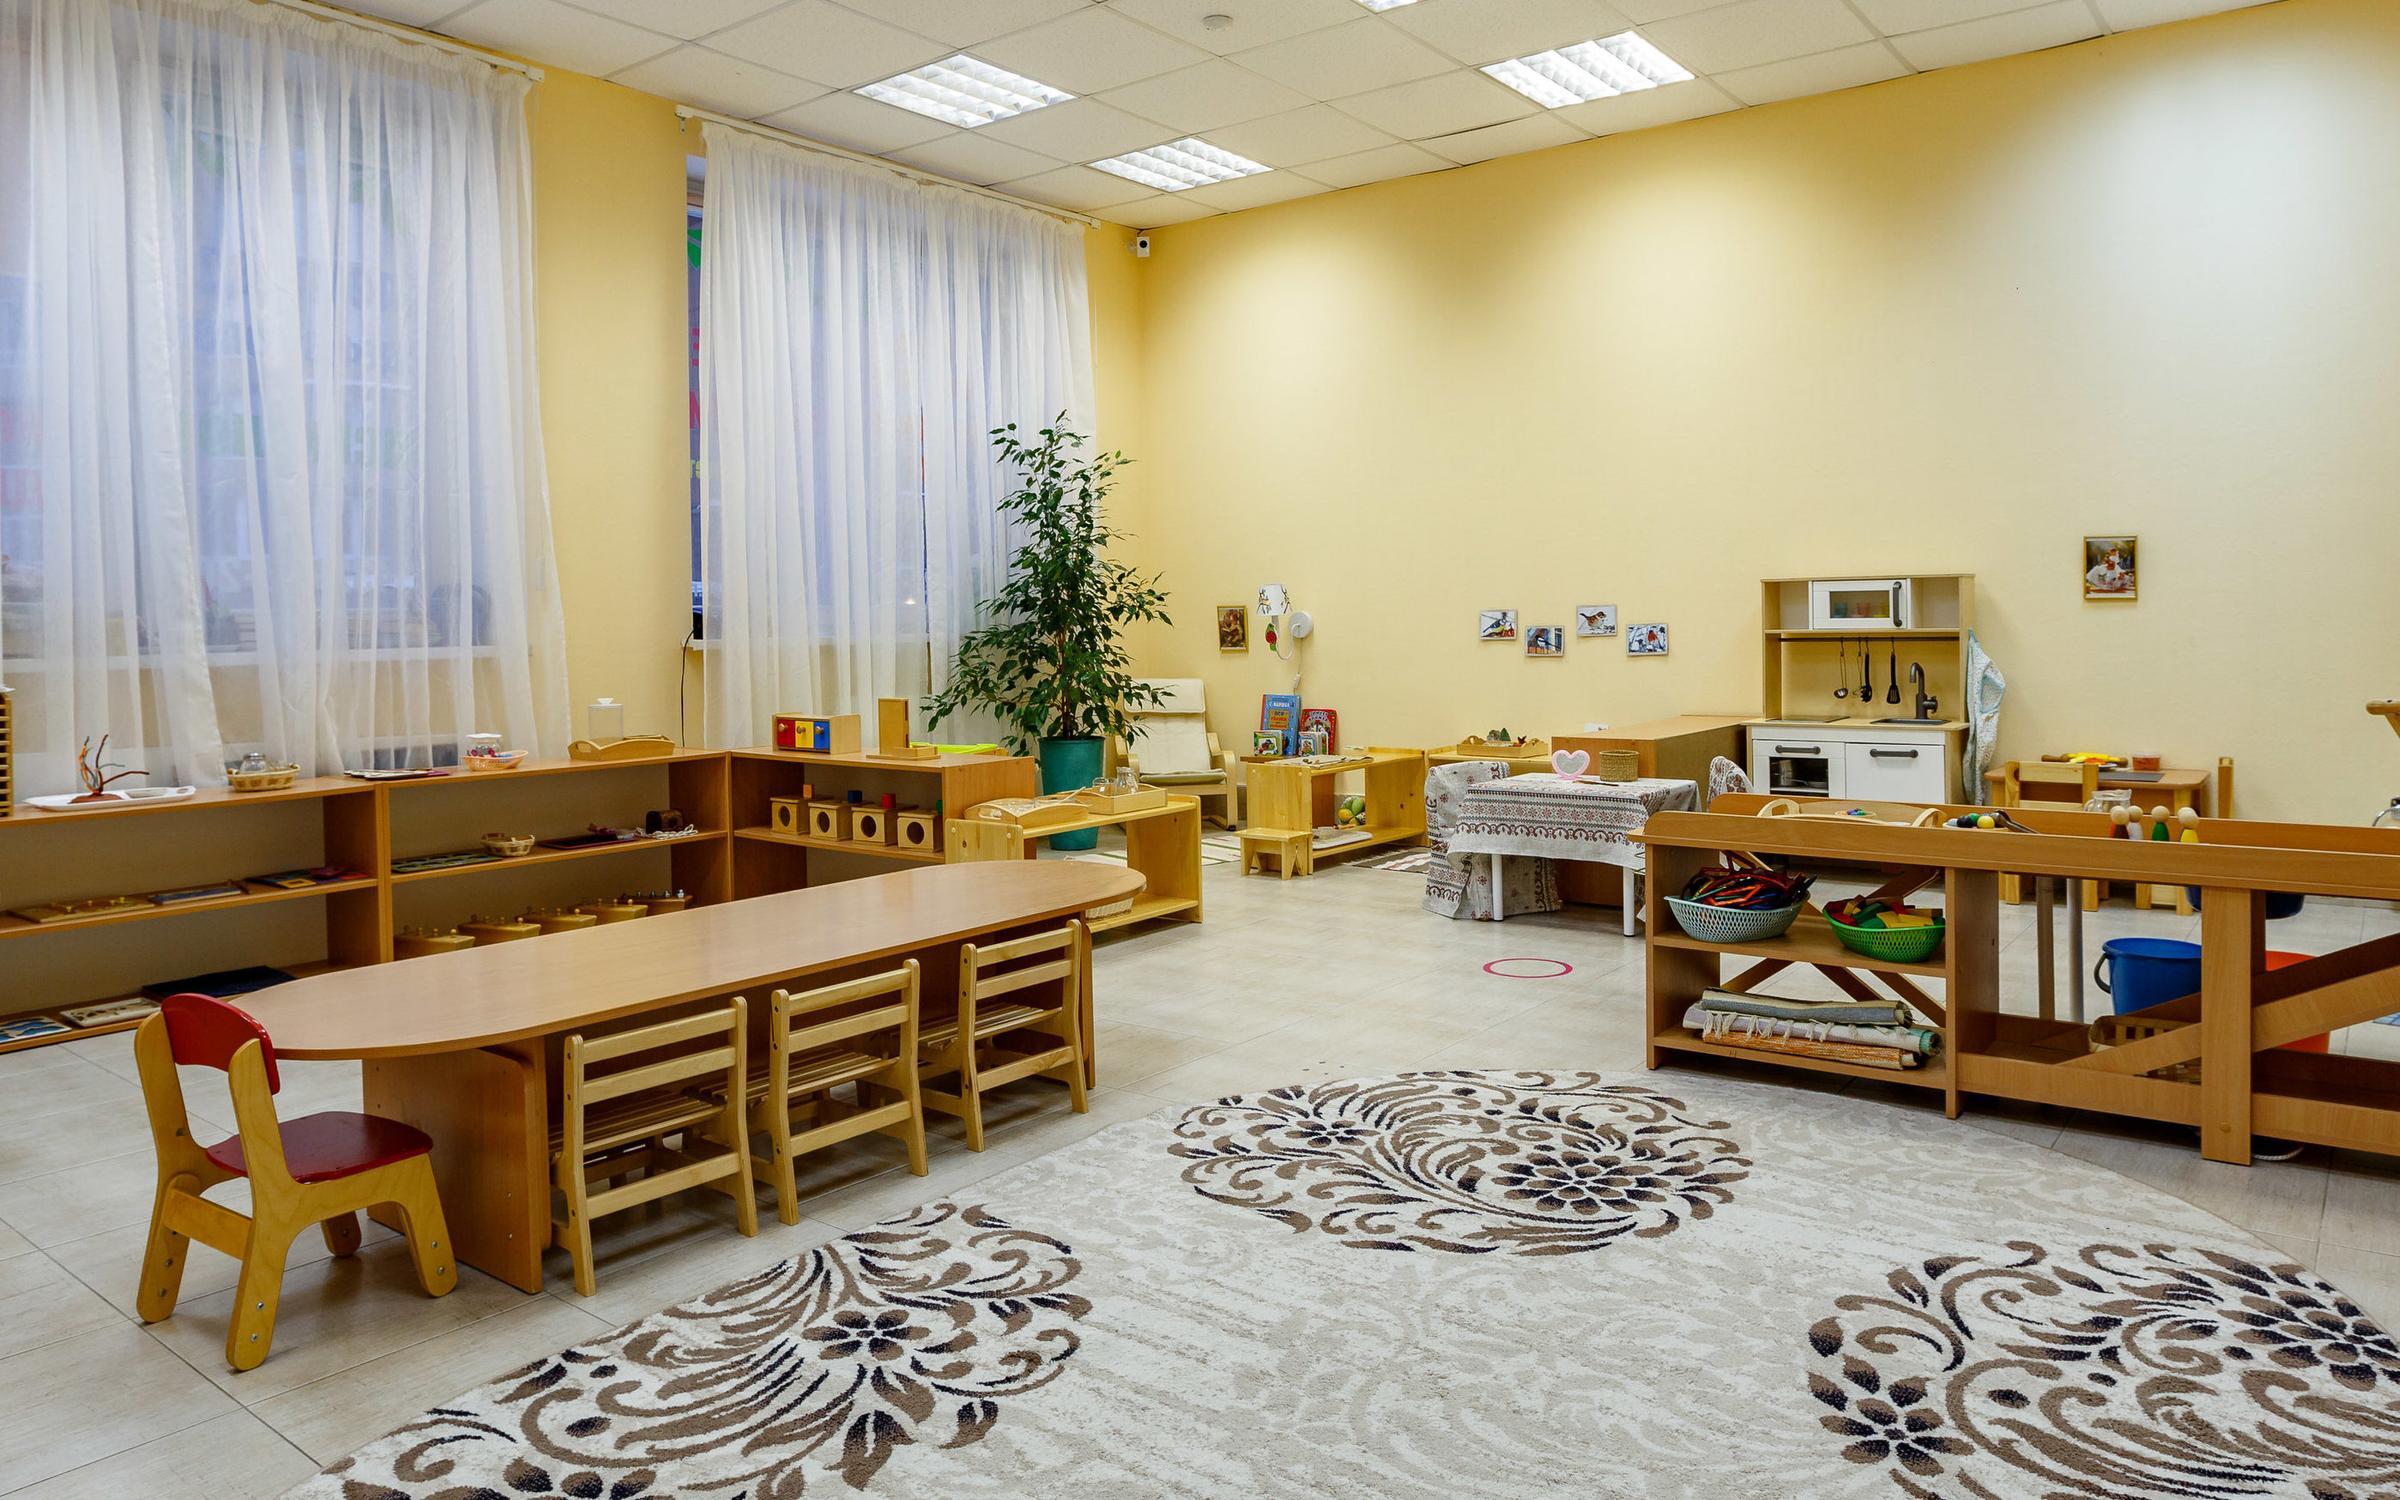 фотография Детского развивающего центра Егоза на 1-ой Утиной улице